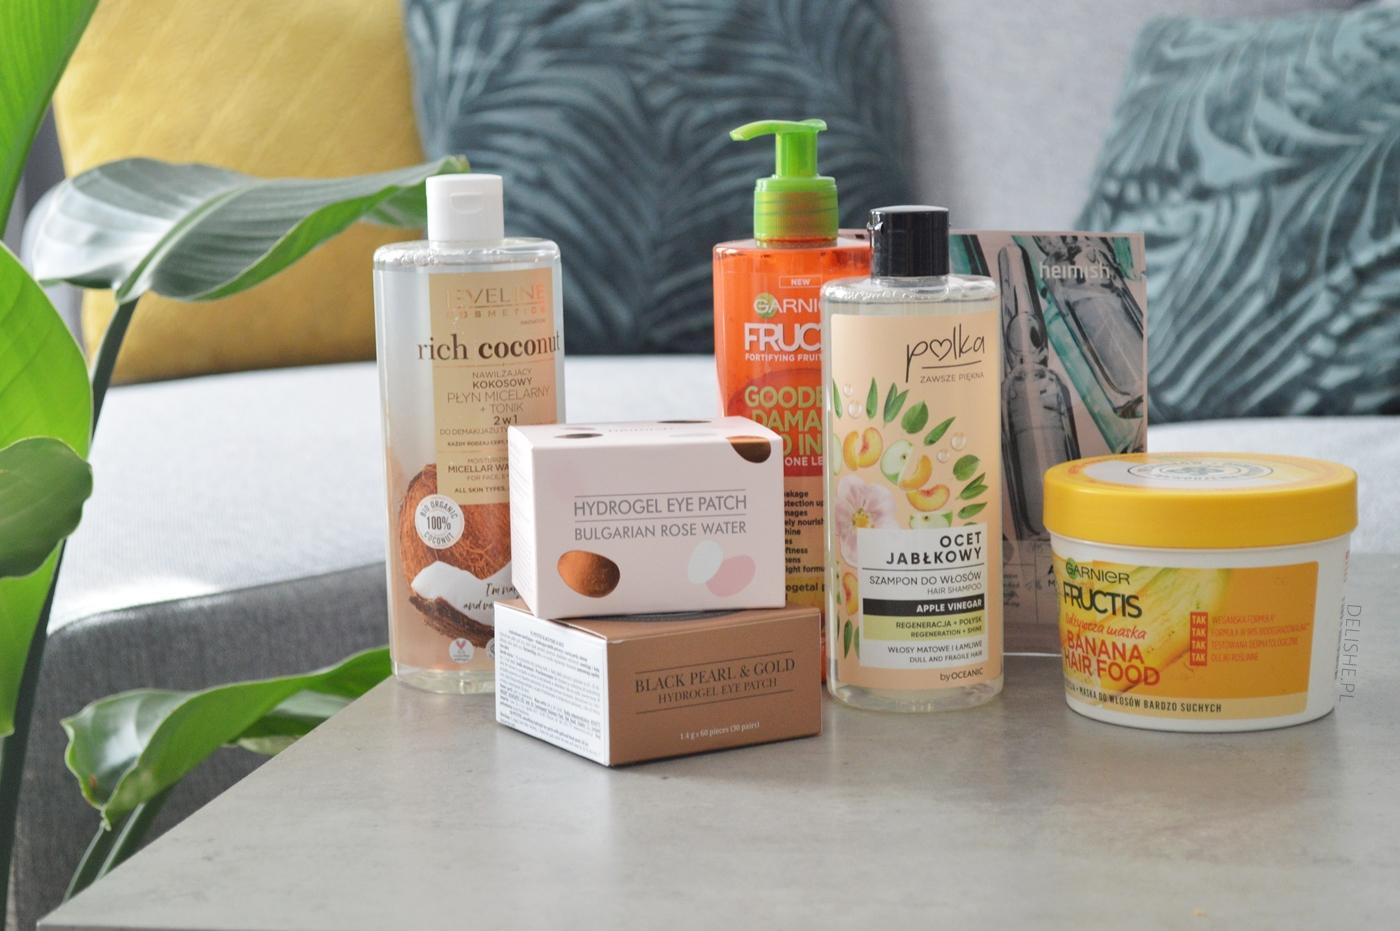 zakupy kosmetyczne płatki pod oczy maska, szampon